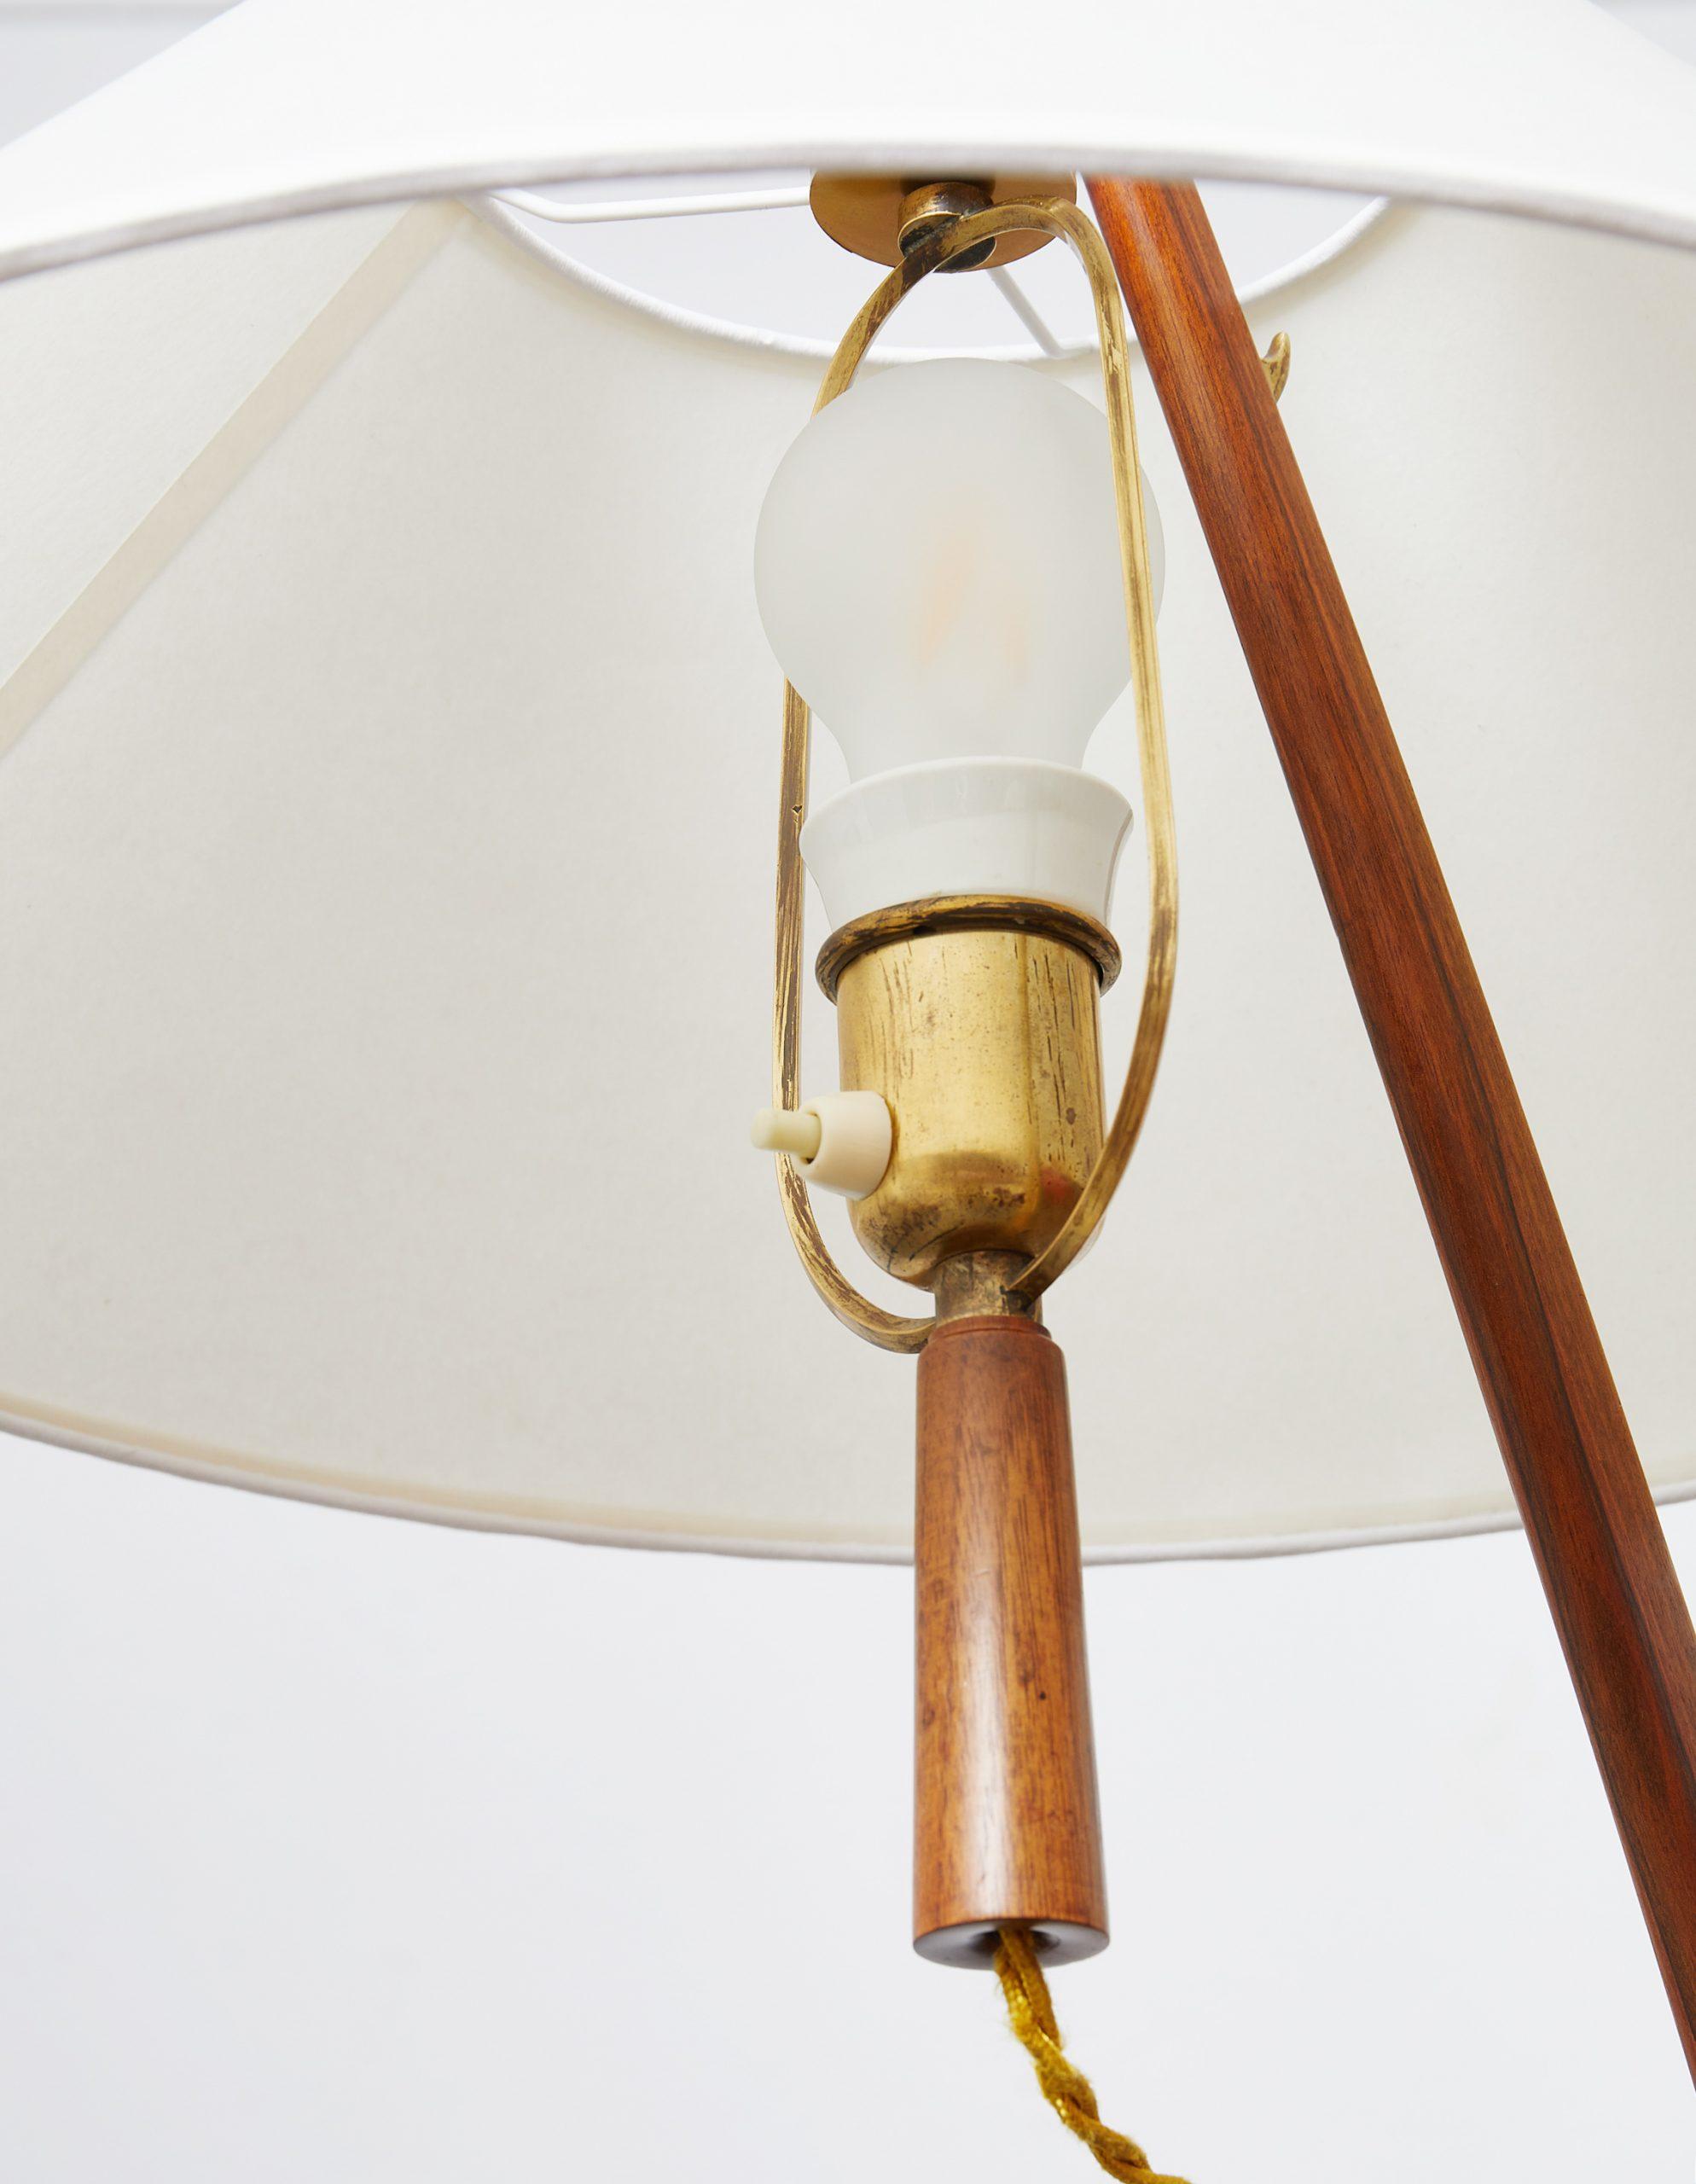 model-2076-ordornstab-floor-lamp-in-teak-and-brass-by-j-t-kalmar-1950-image-08